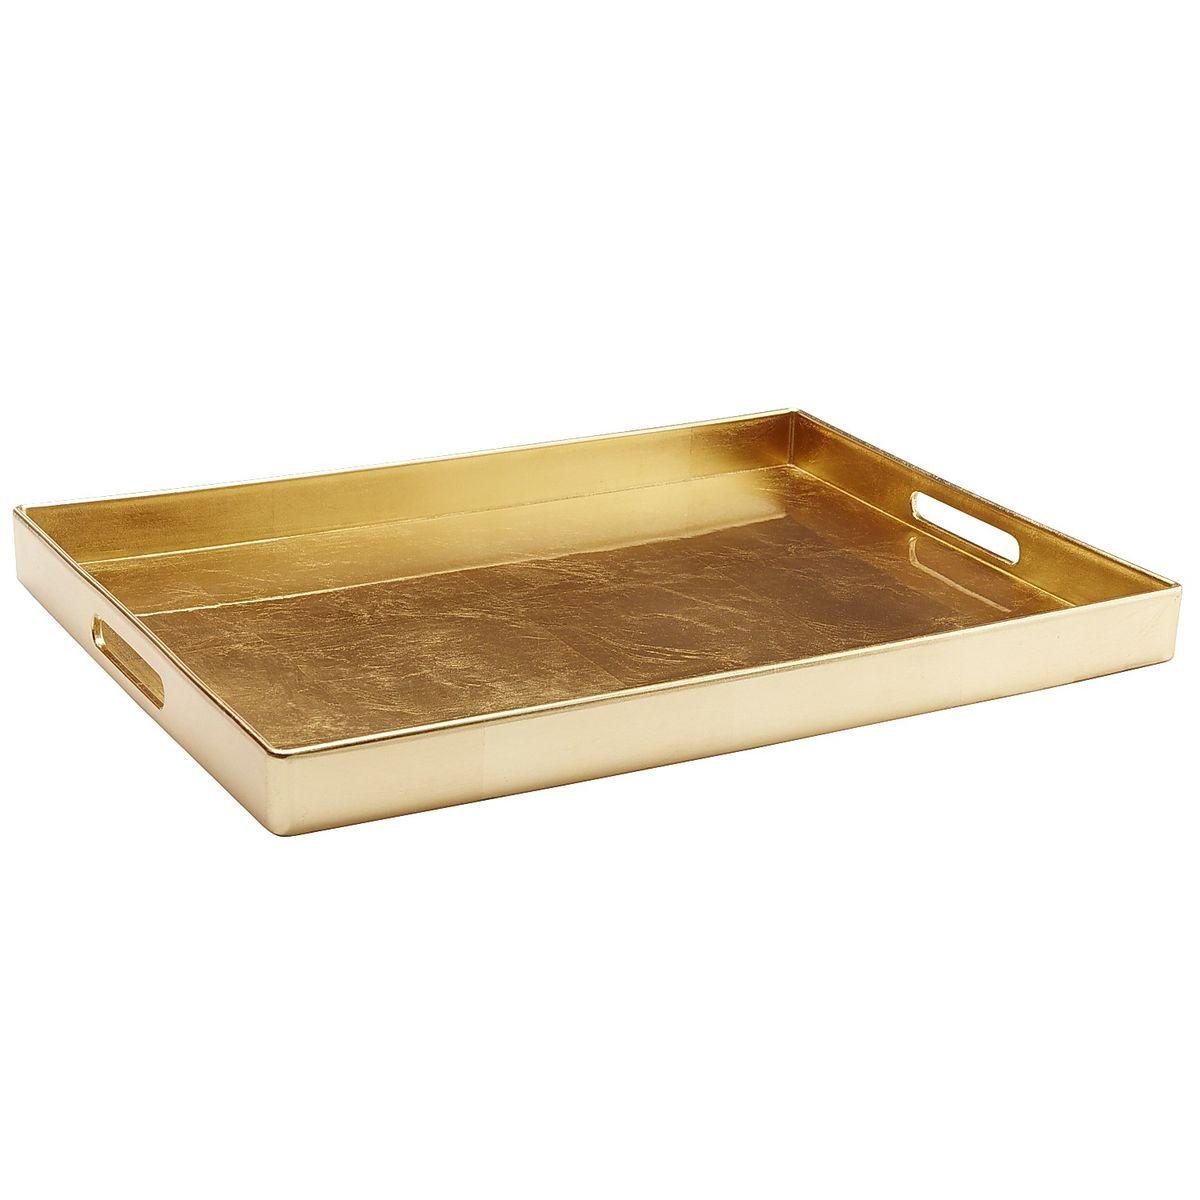 Regalia Tray Rectangle Gold Pier 1 Imports Gold Tray